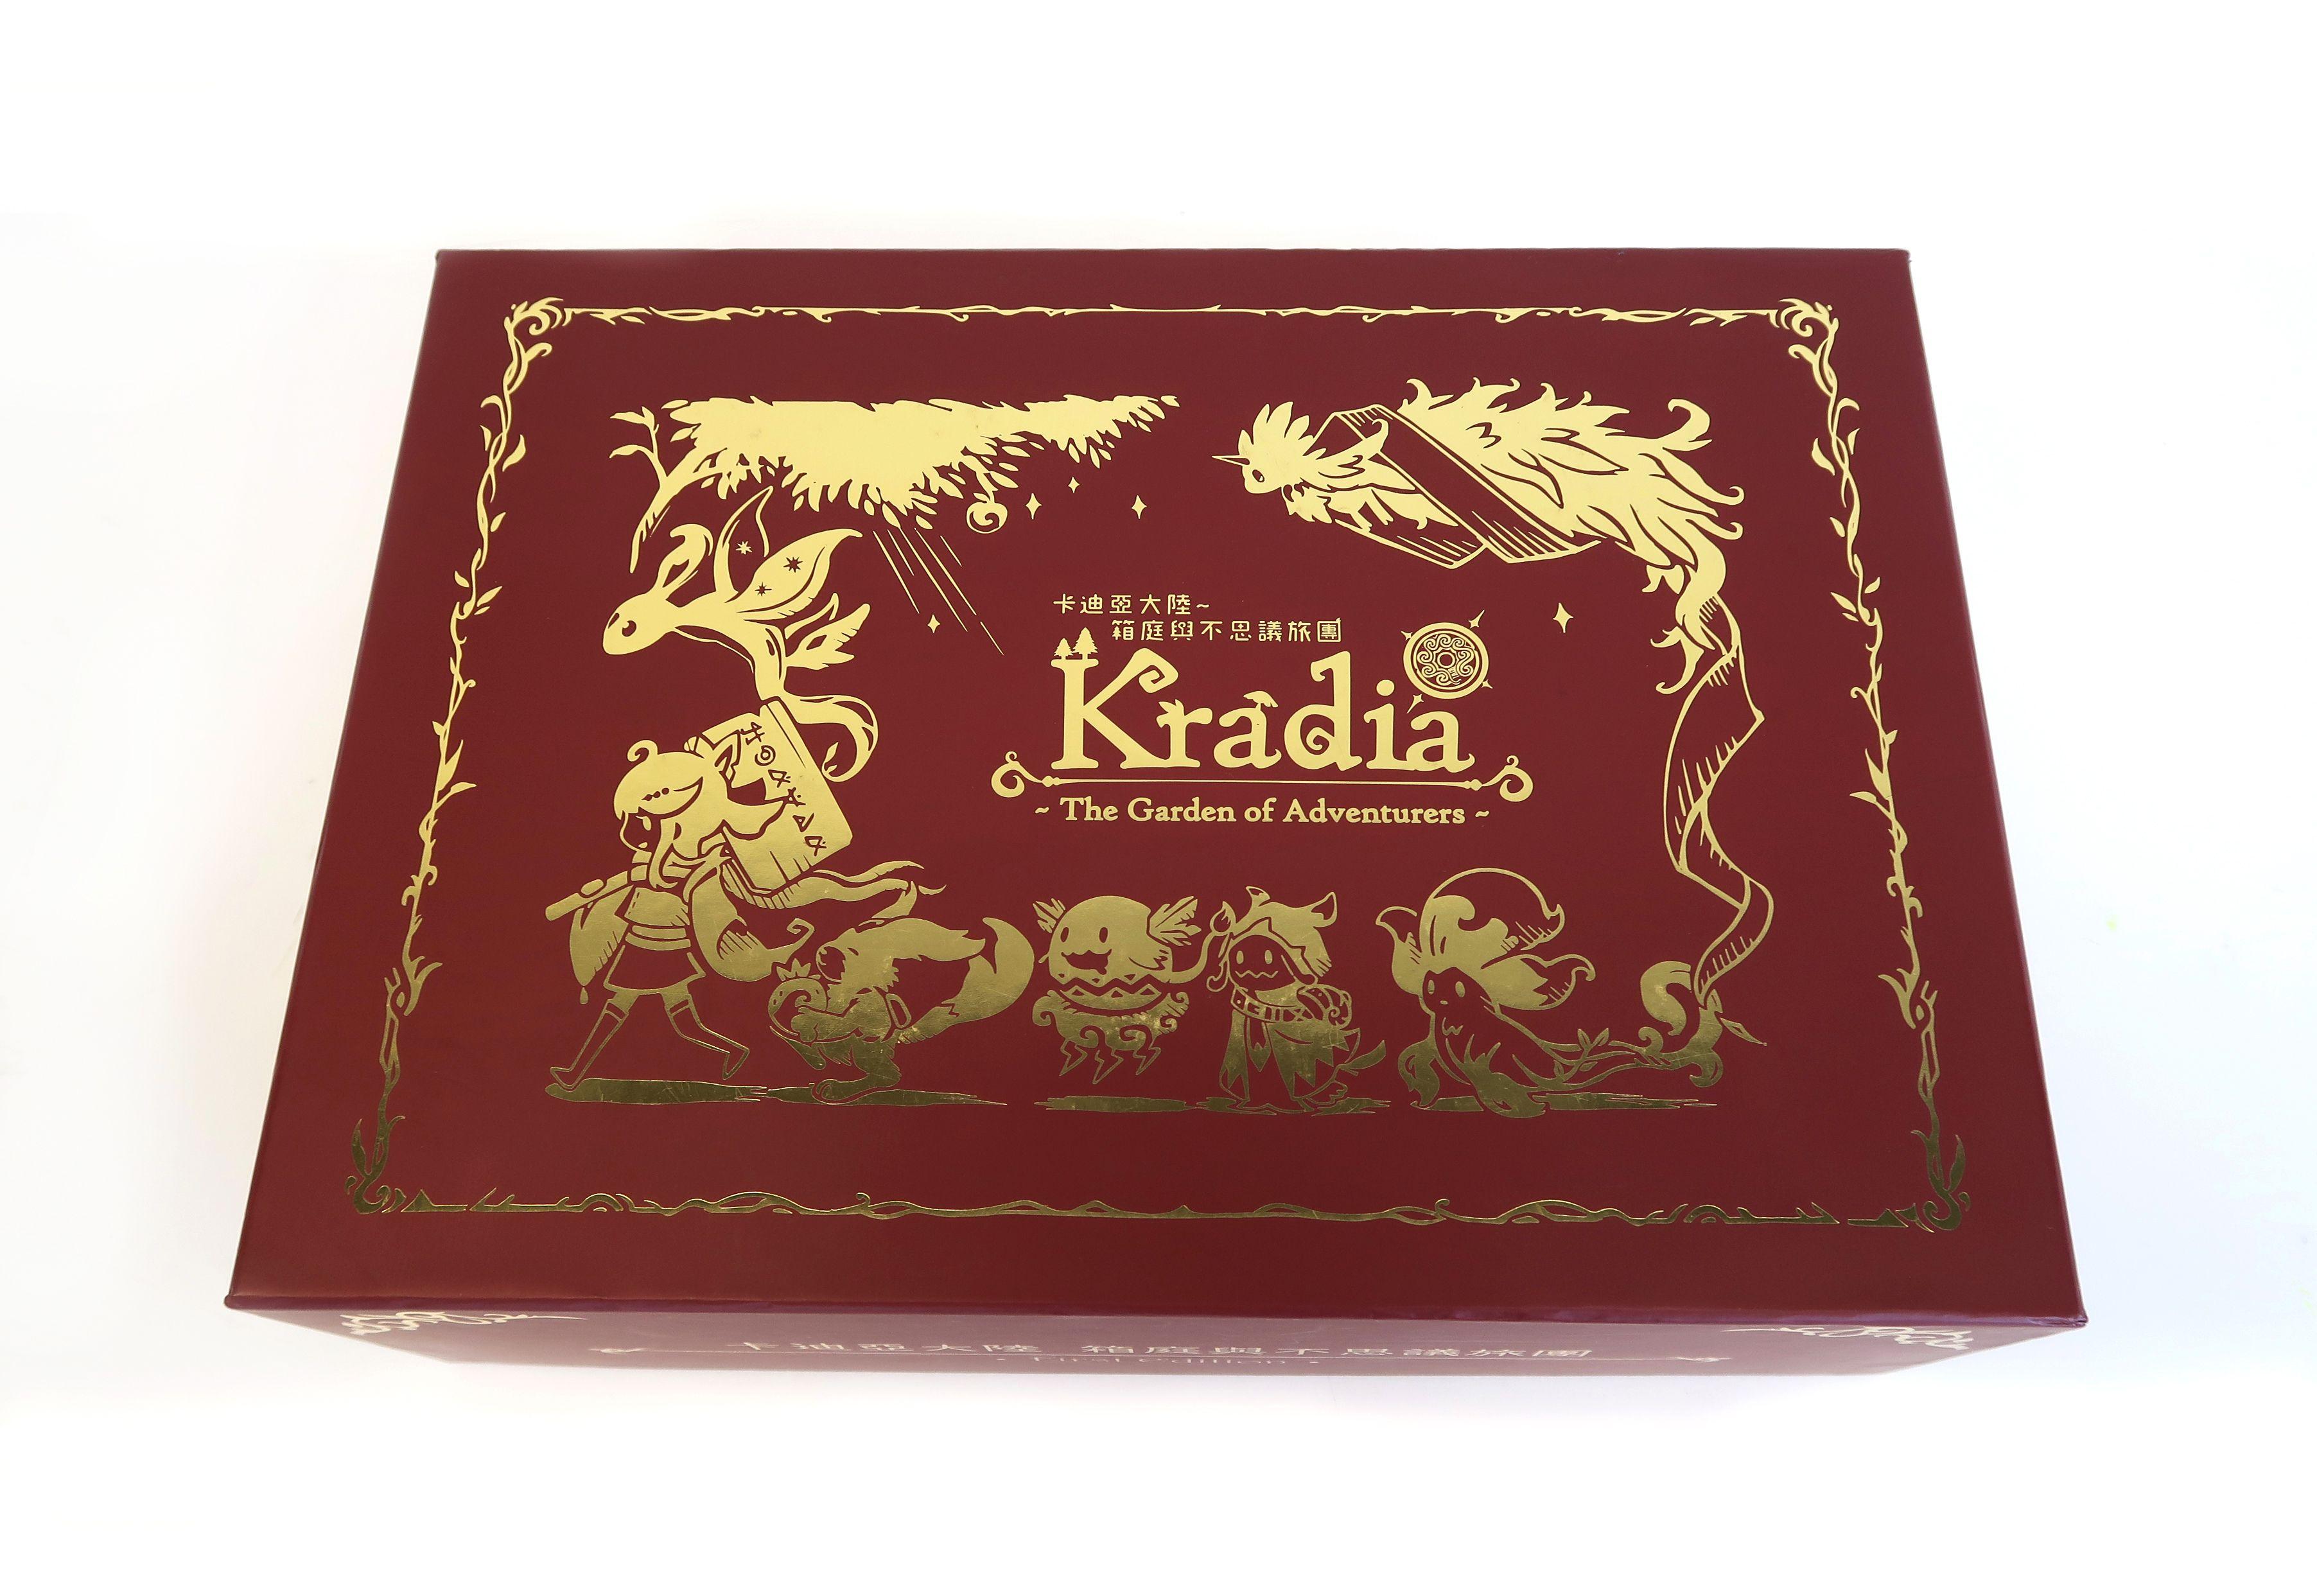 Kradia: The Garden of Adventurers